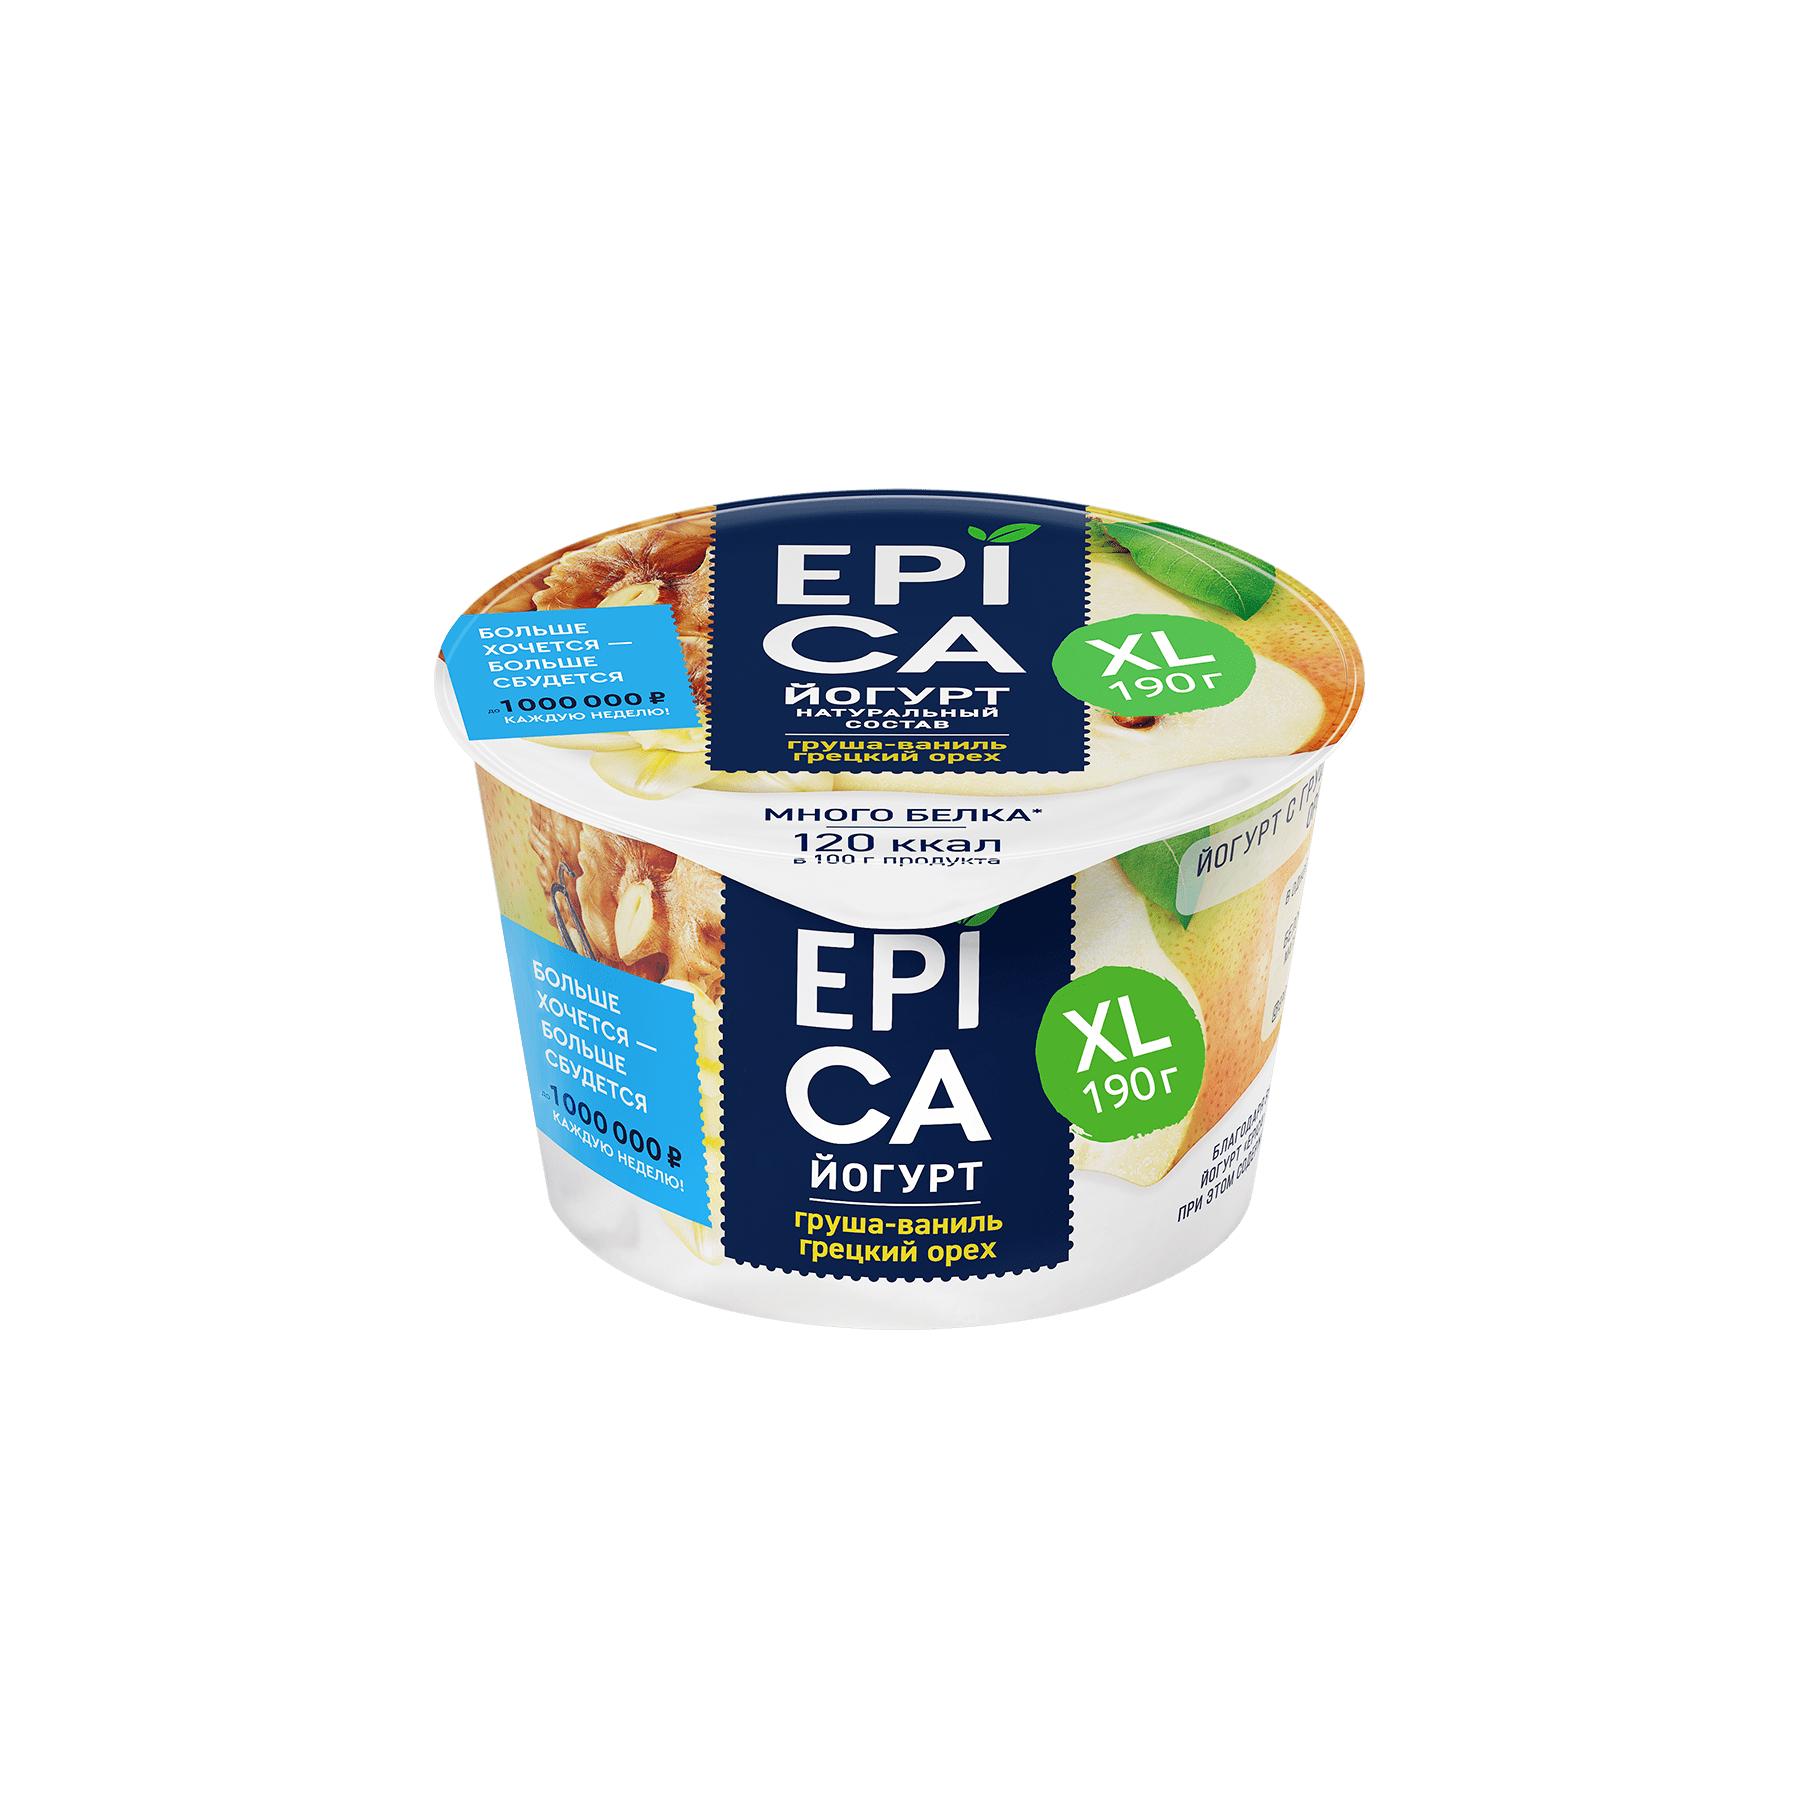 Фото - Йогурт Epica с грушей ванилью и грецким орехом 5,3% 190 г бисквит б ю александров брауни с грецким орехом и карамелью 40 г